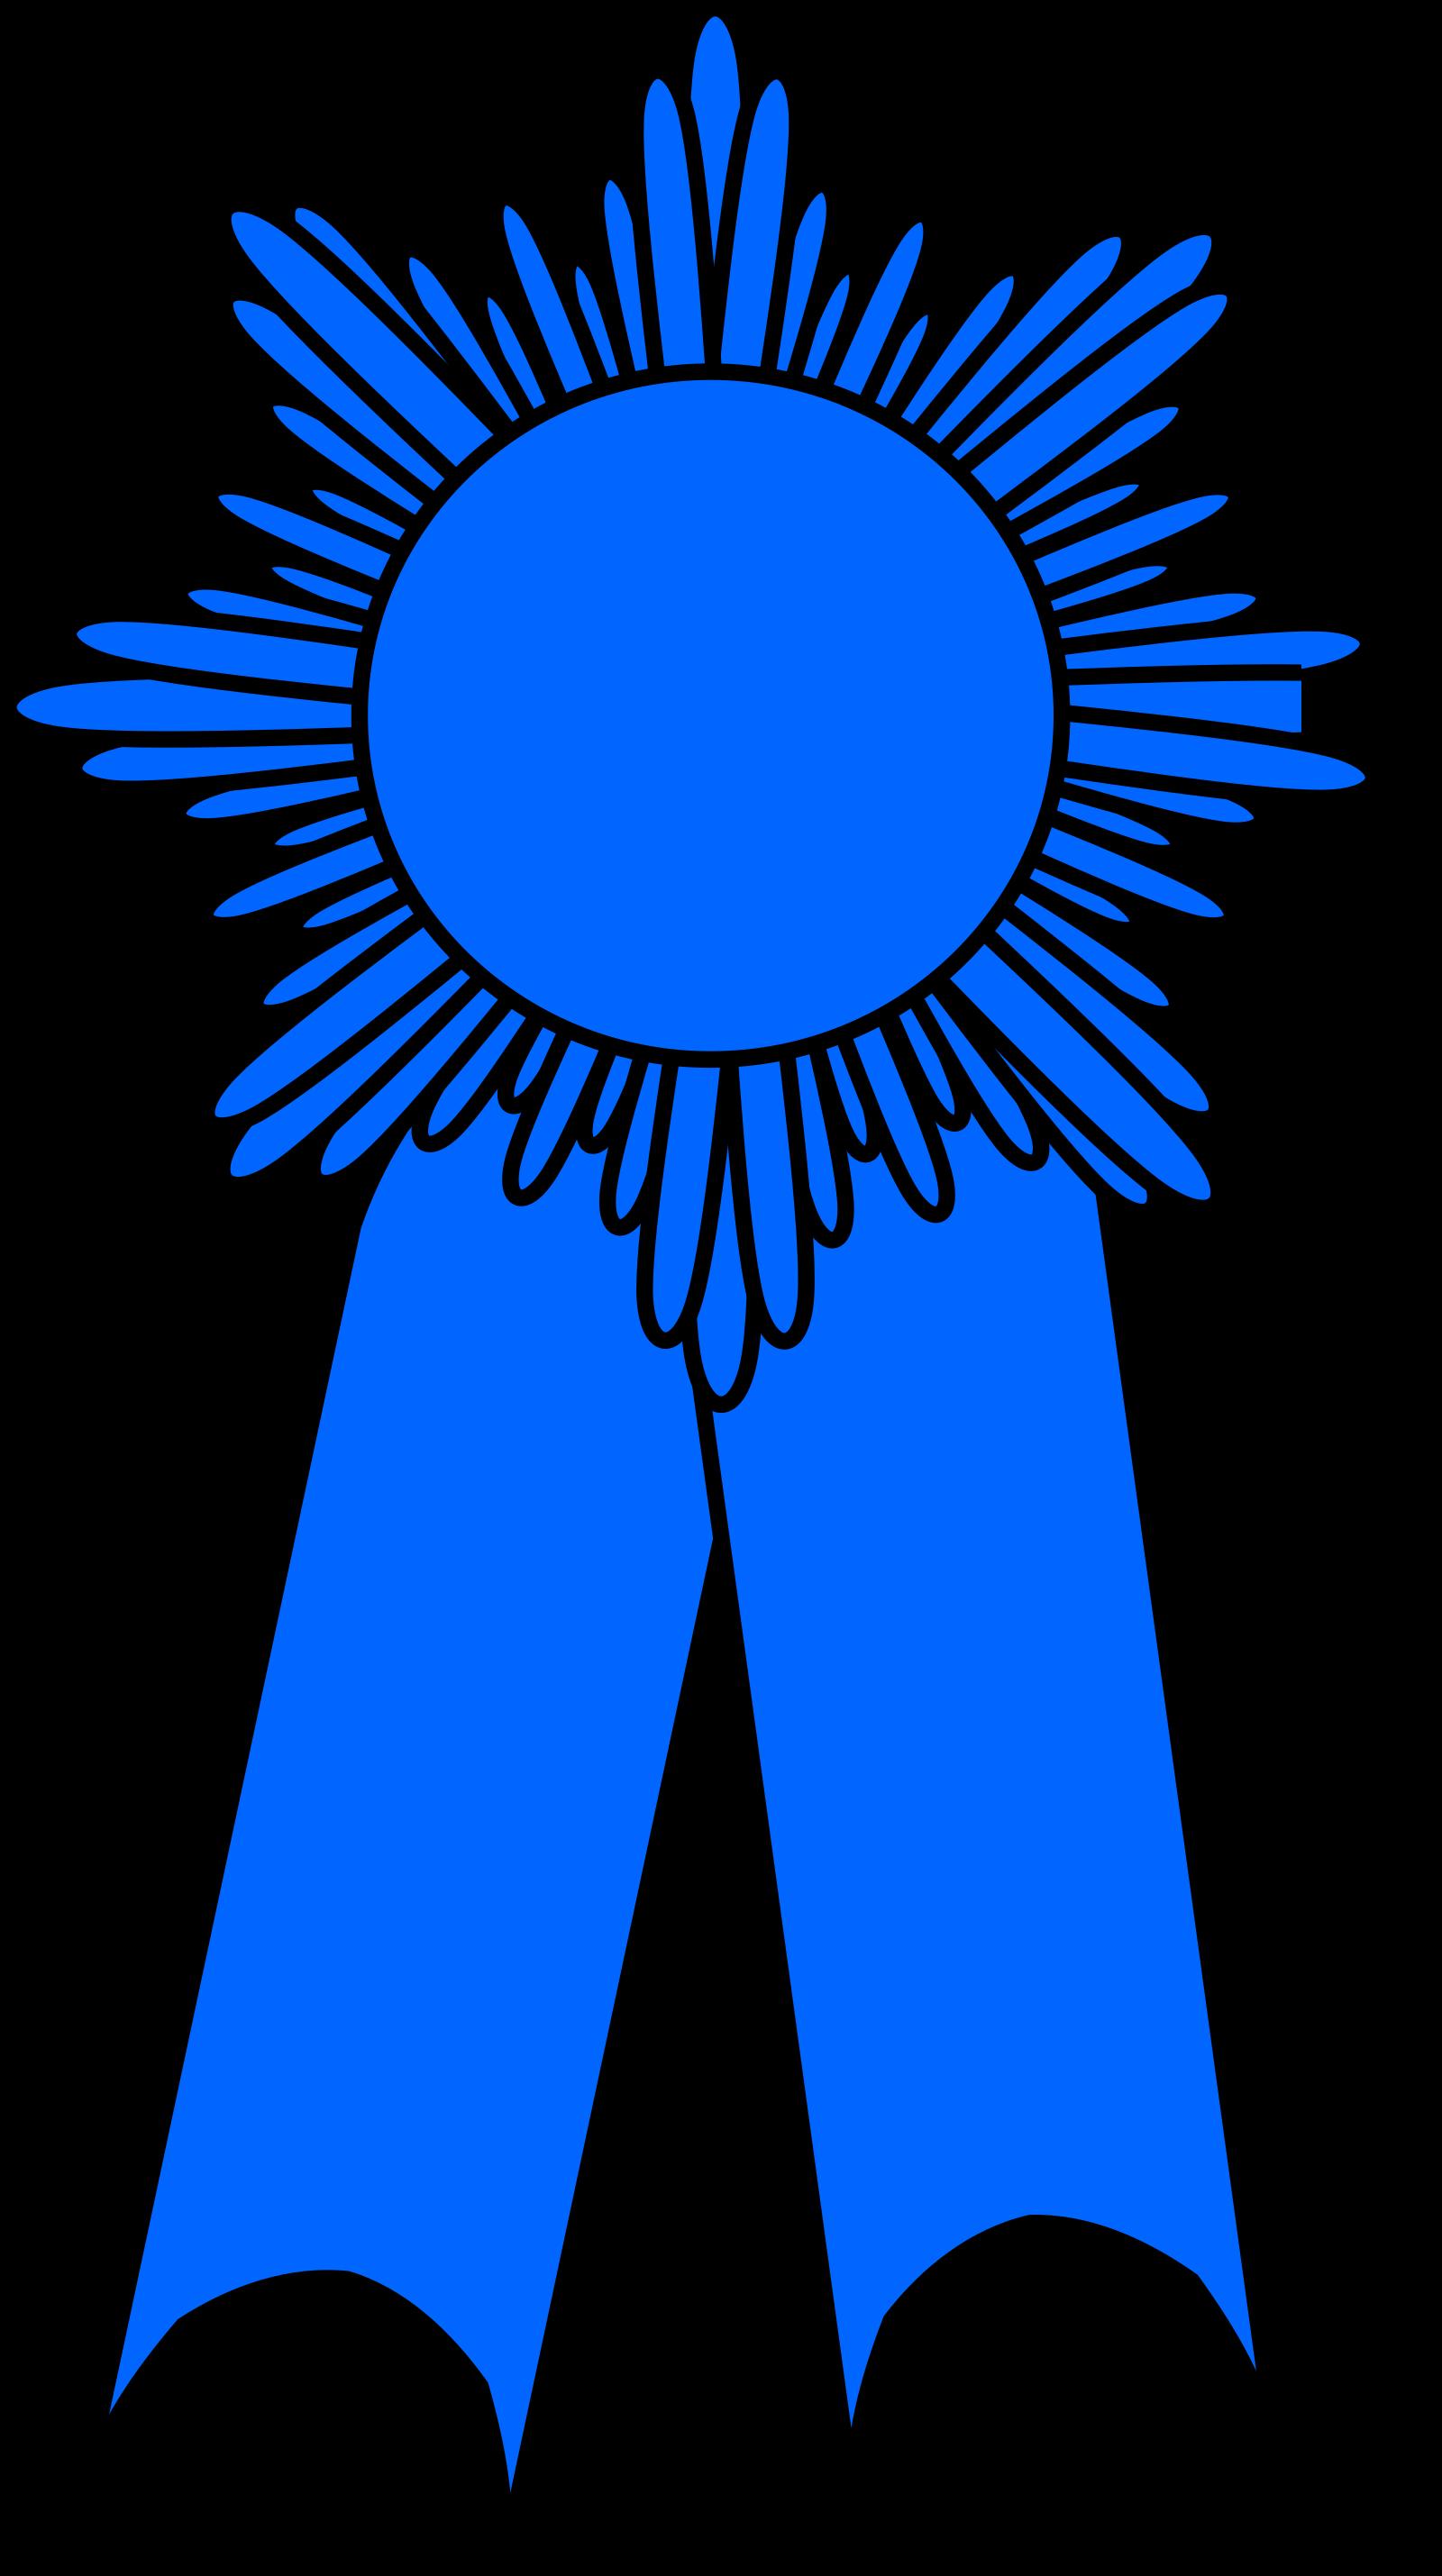 Blue Jay SVG Clip arts